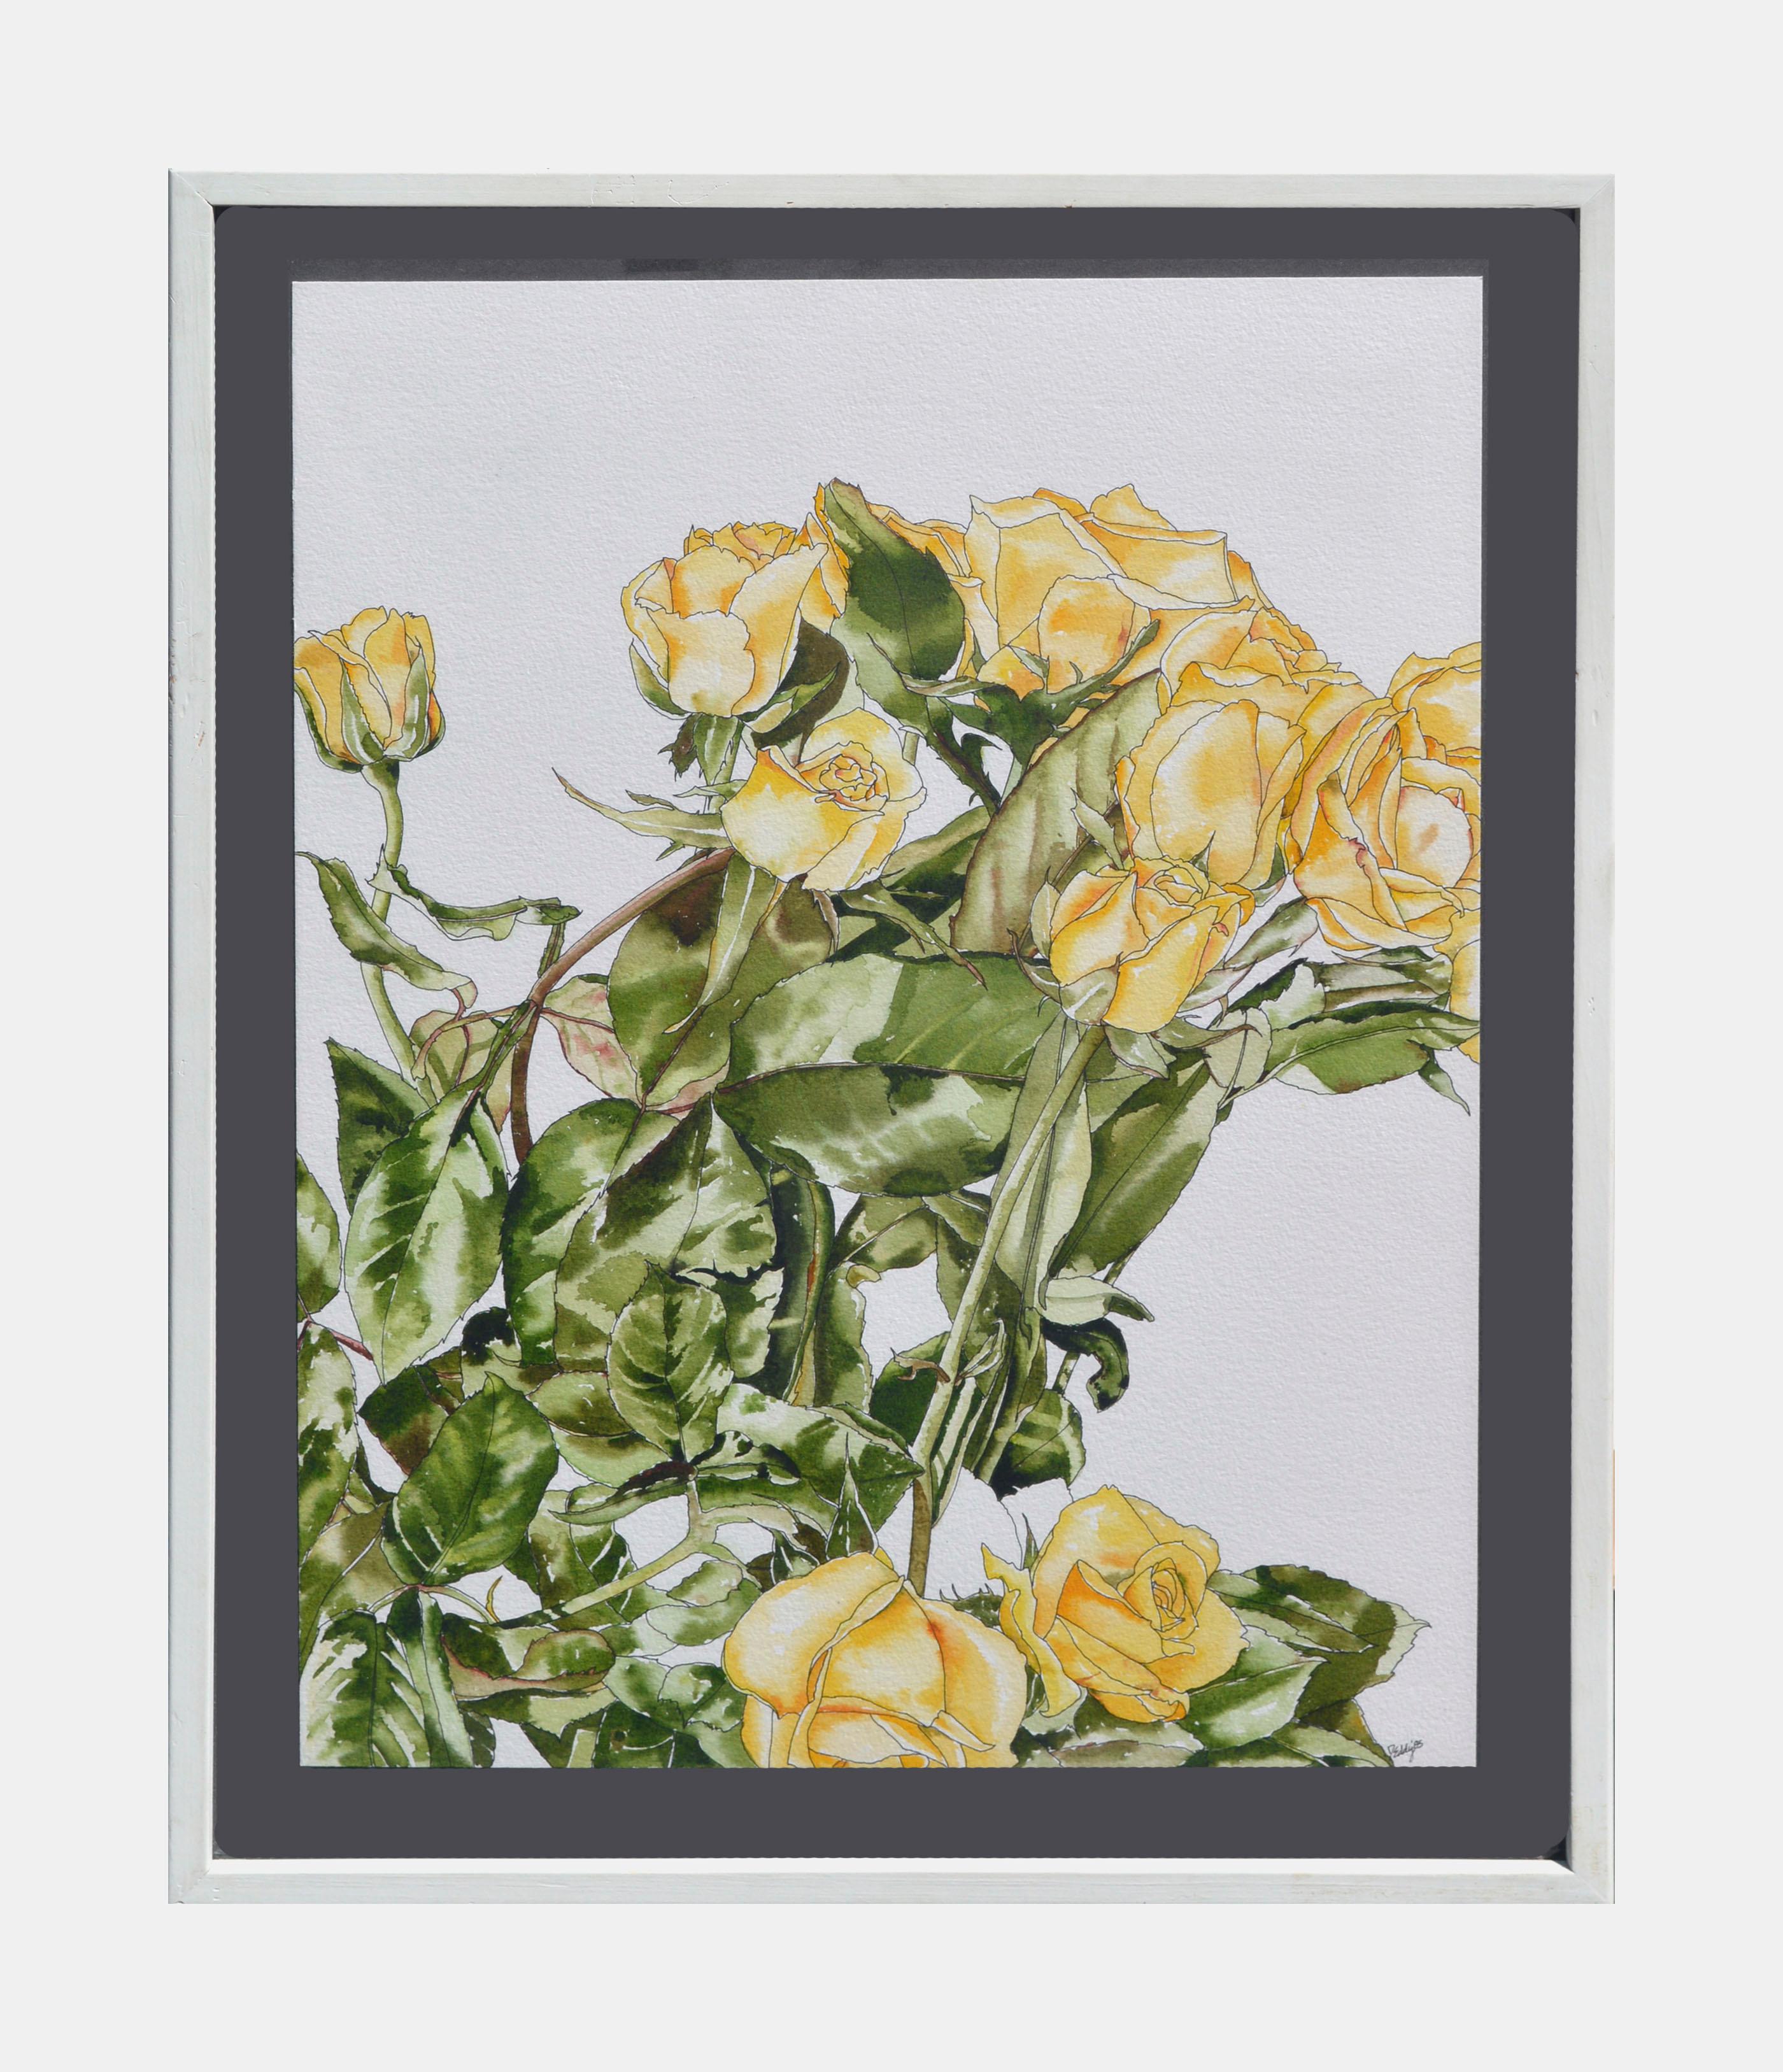 Yellow Roses - Botanical Study